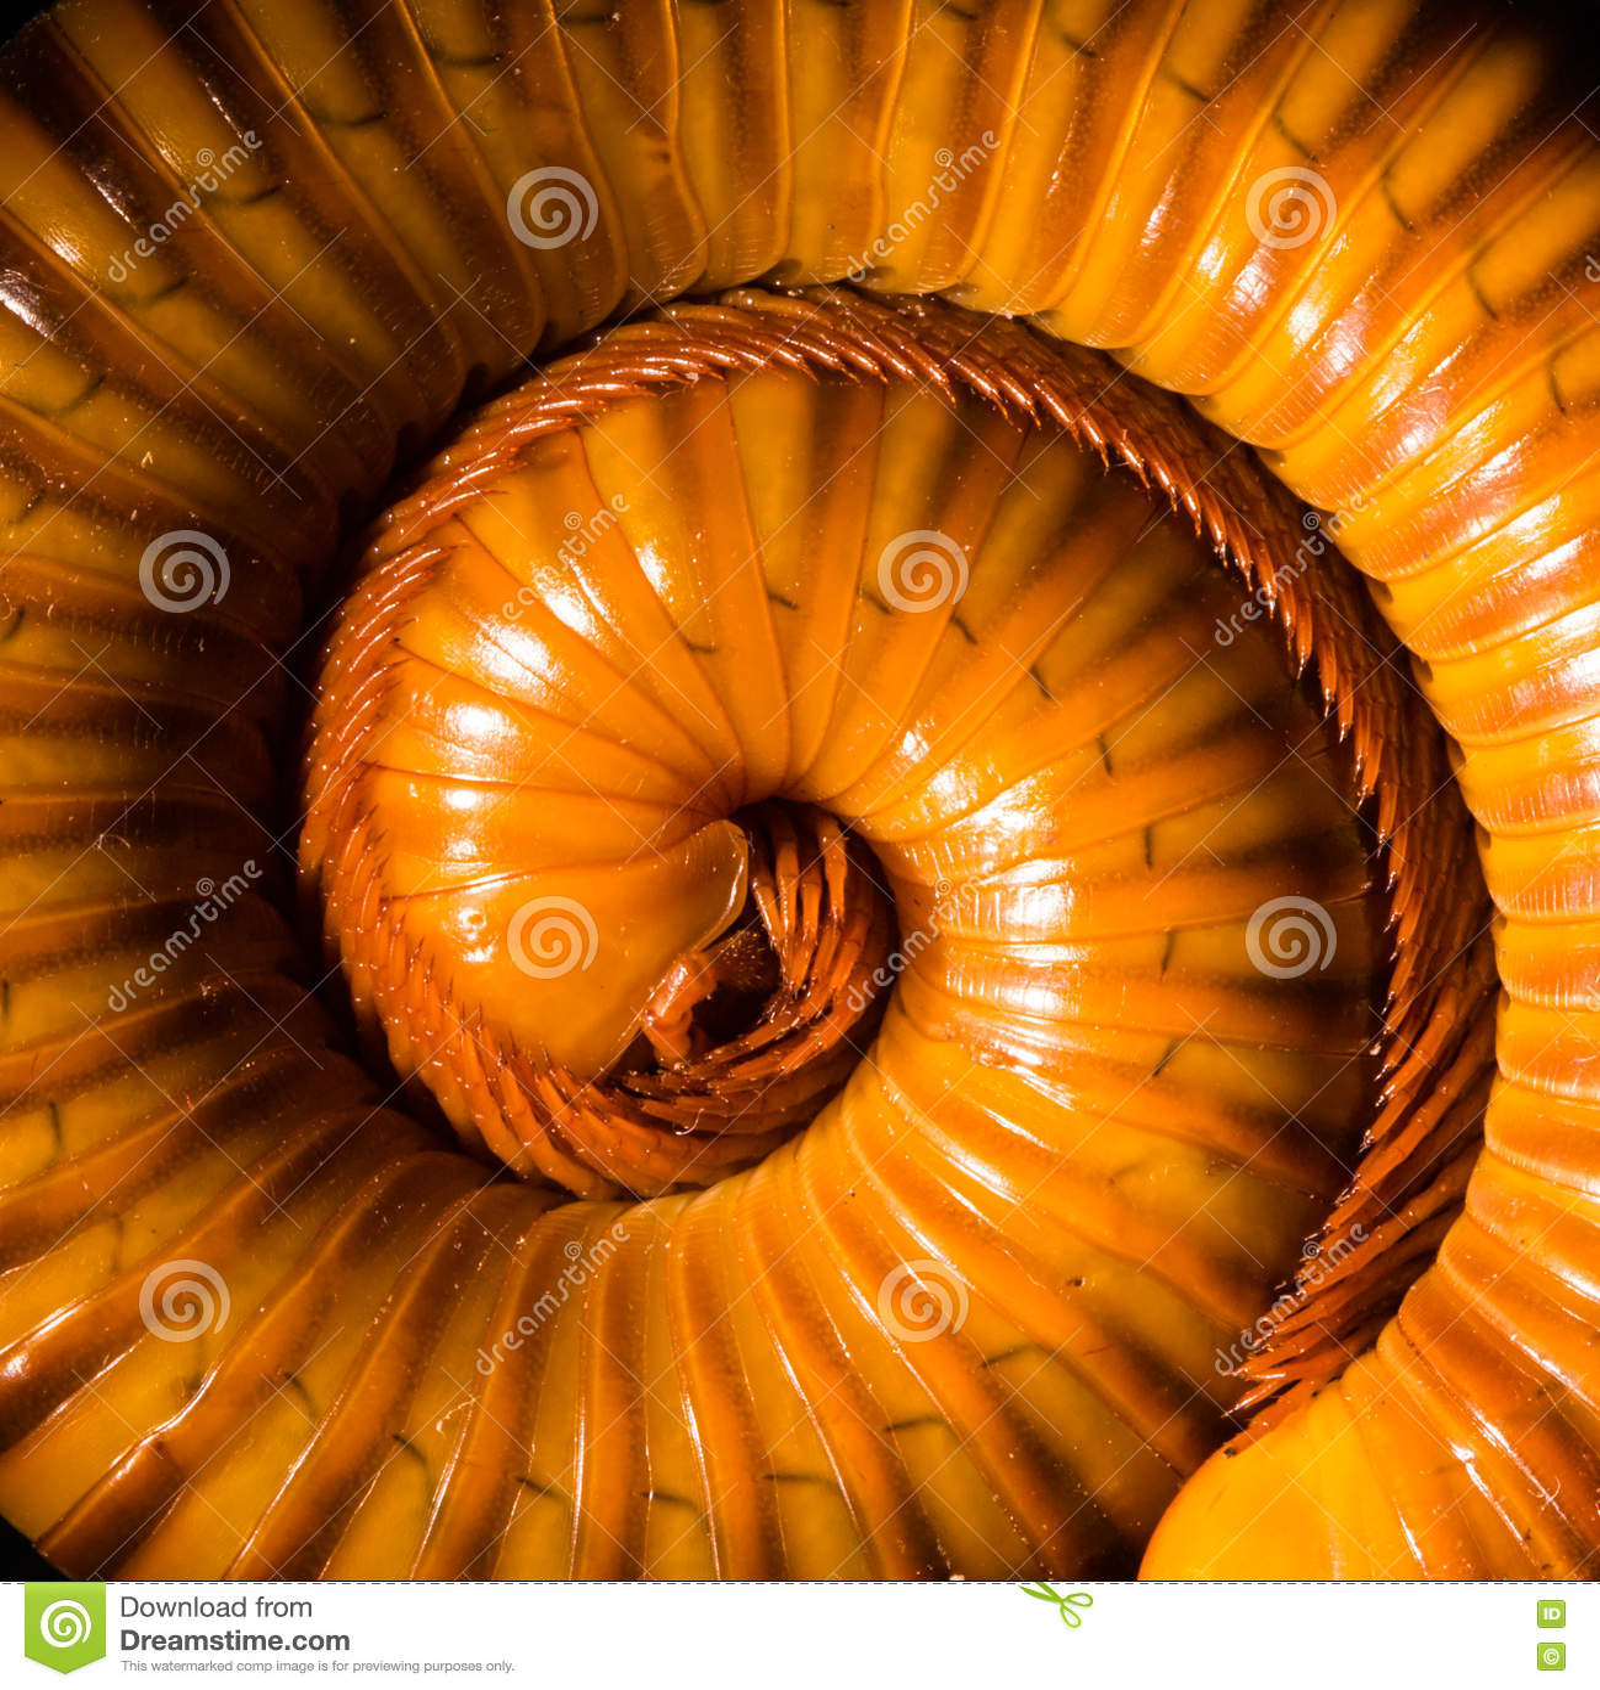 Le macro des mille-pattes oranges et bruns sur le verre avec la réflexion, mille-pattes a lové, désambiguisation